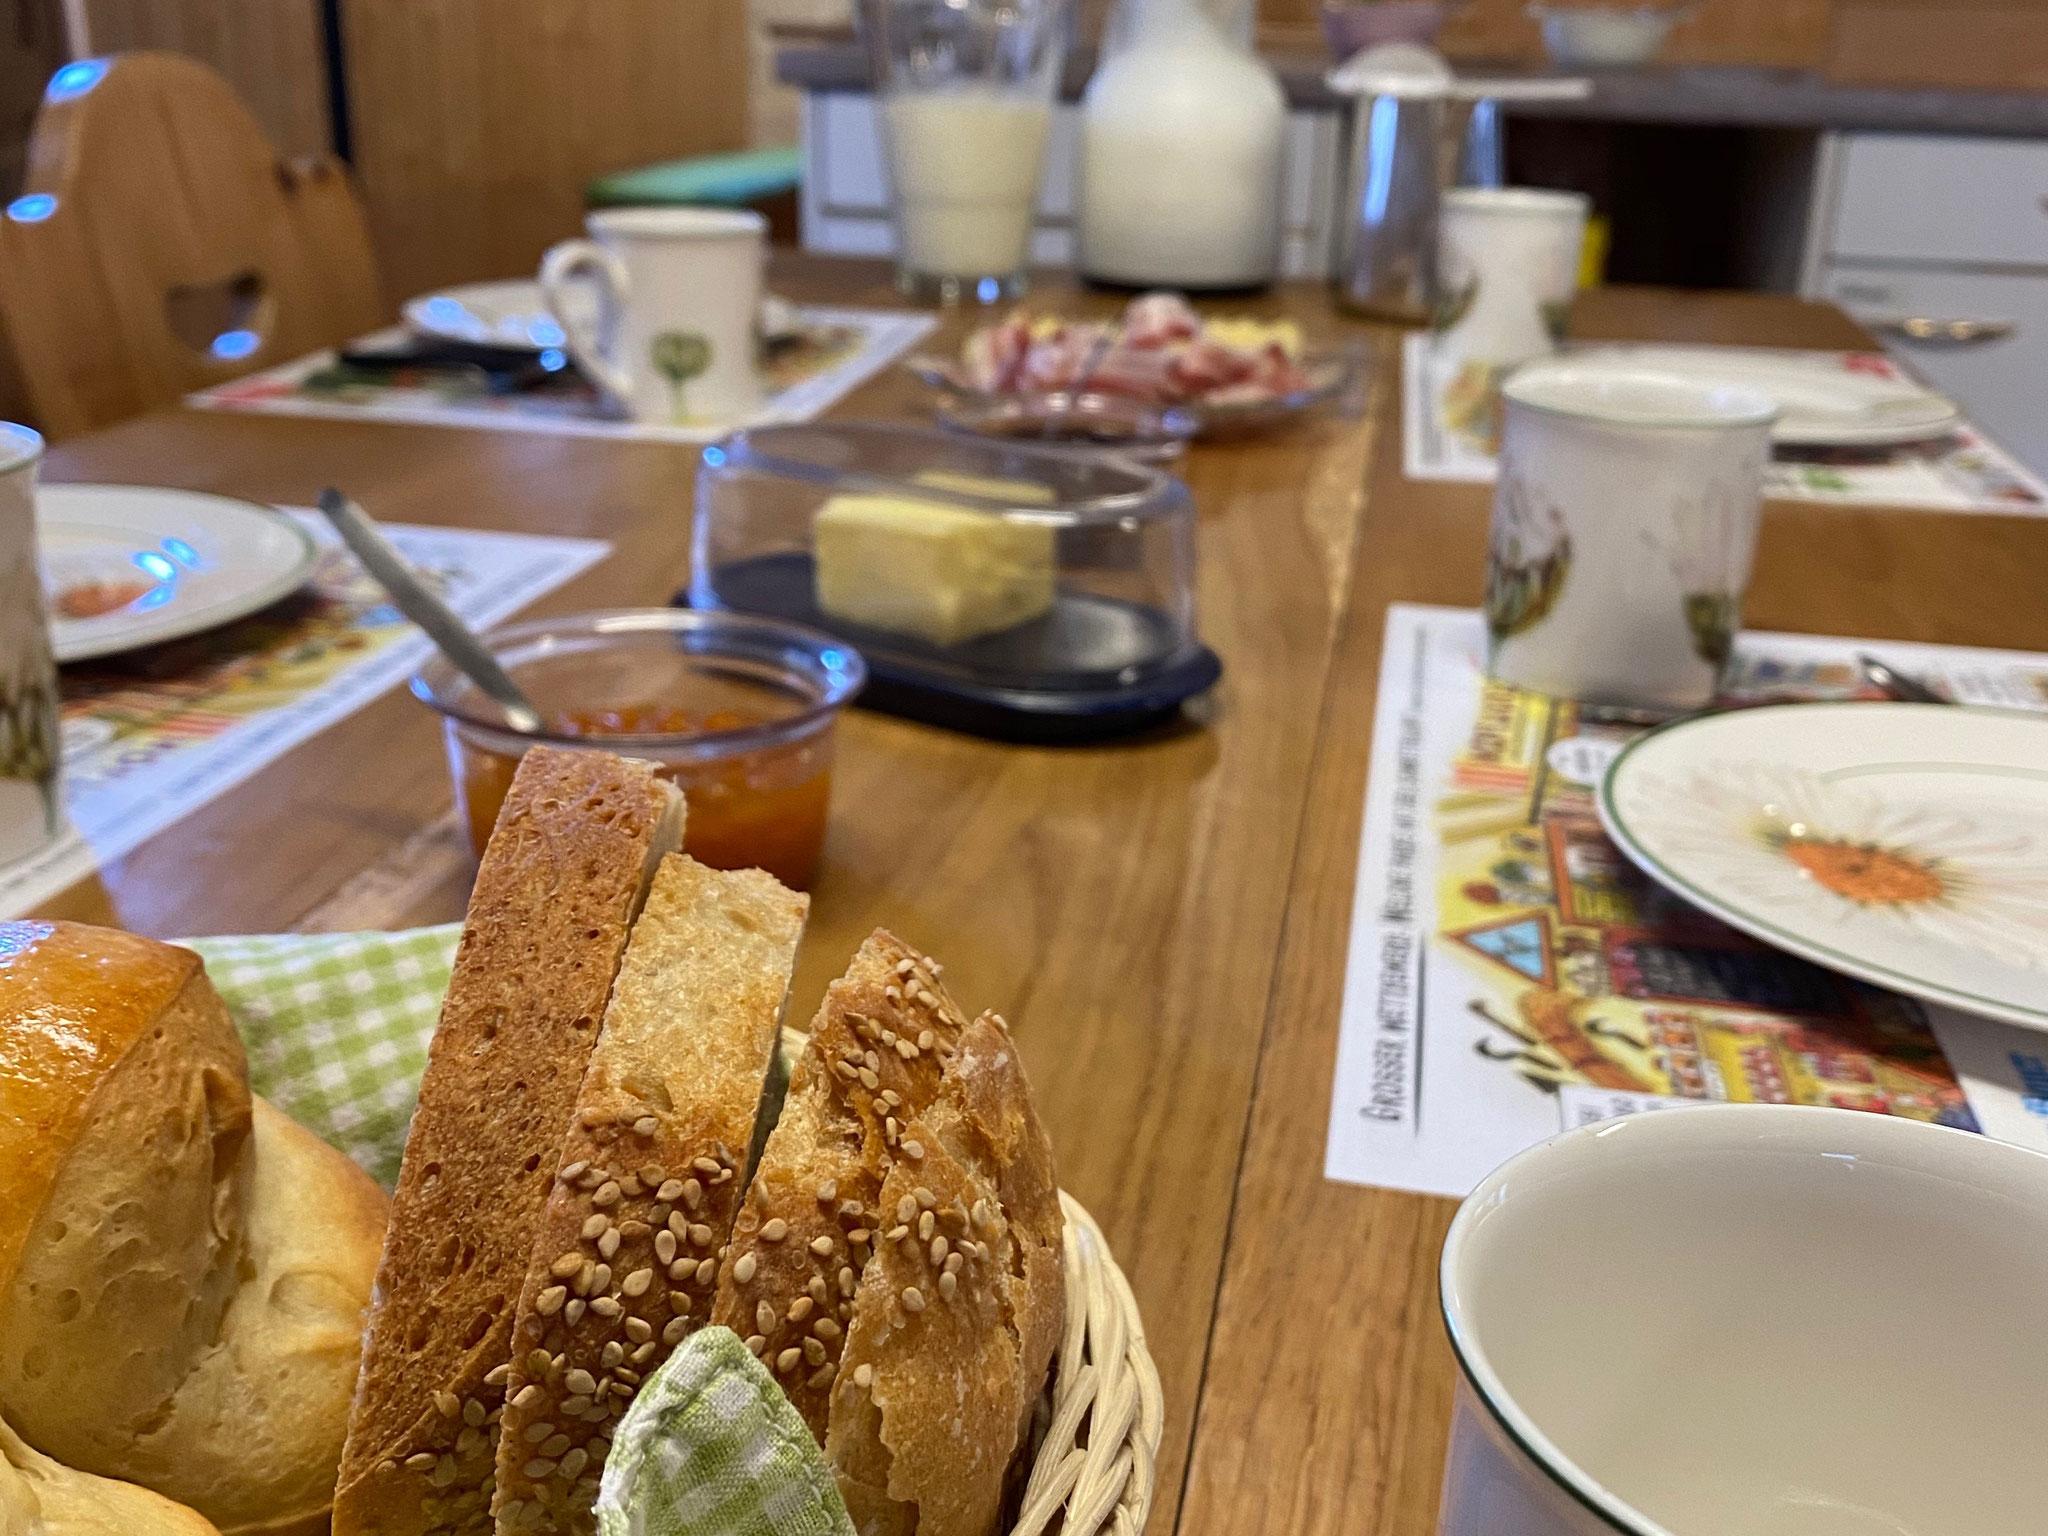 Leckeres und reichhaltiges Frühstück...